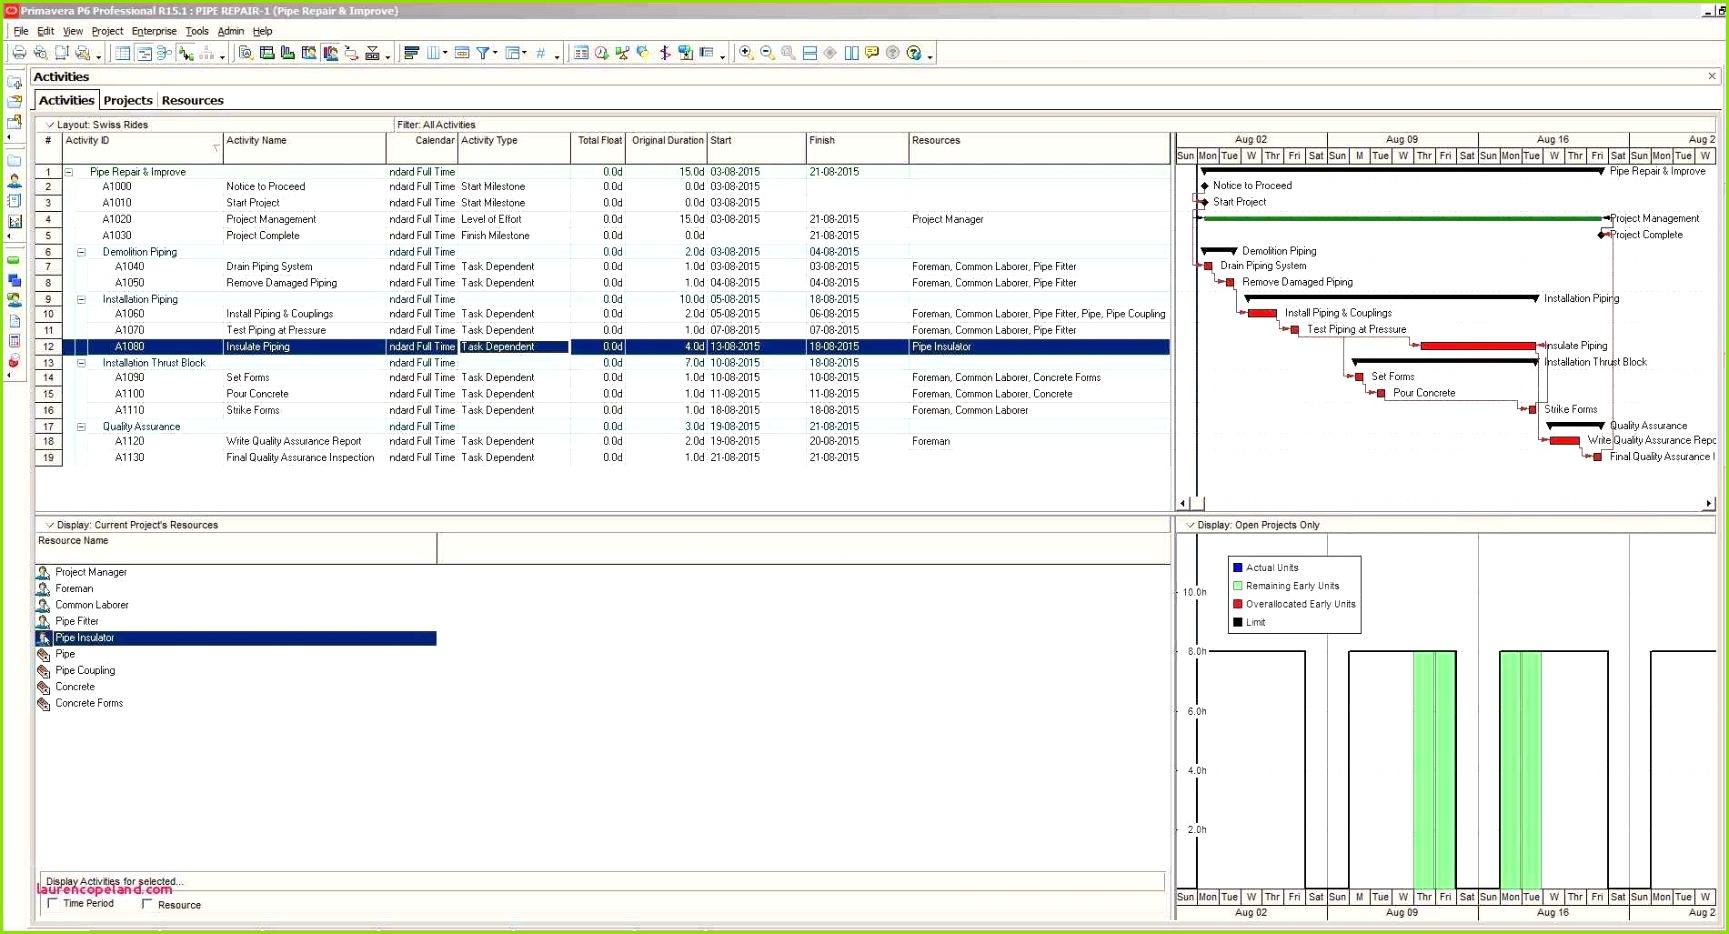 Excel Haushaltsbuch Vorlage Druckbare Haushaltsbuch Vorlage Excel Free Excel Task Tracking Templates Herunterladbare Excel Haushaltsbuch